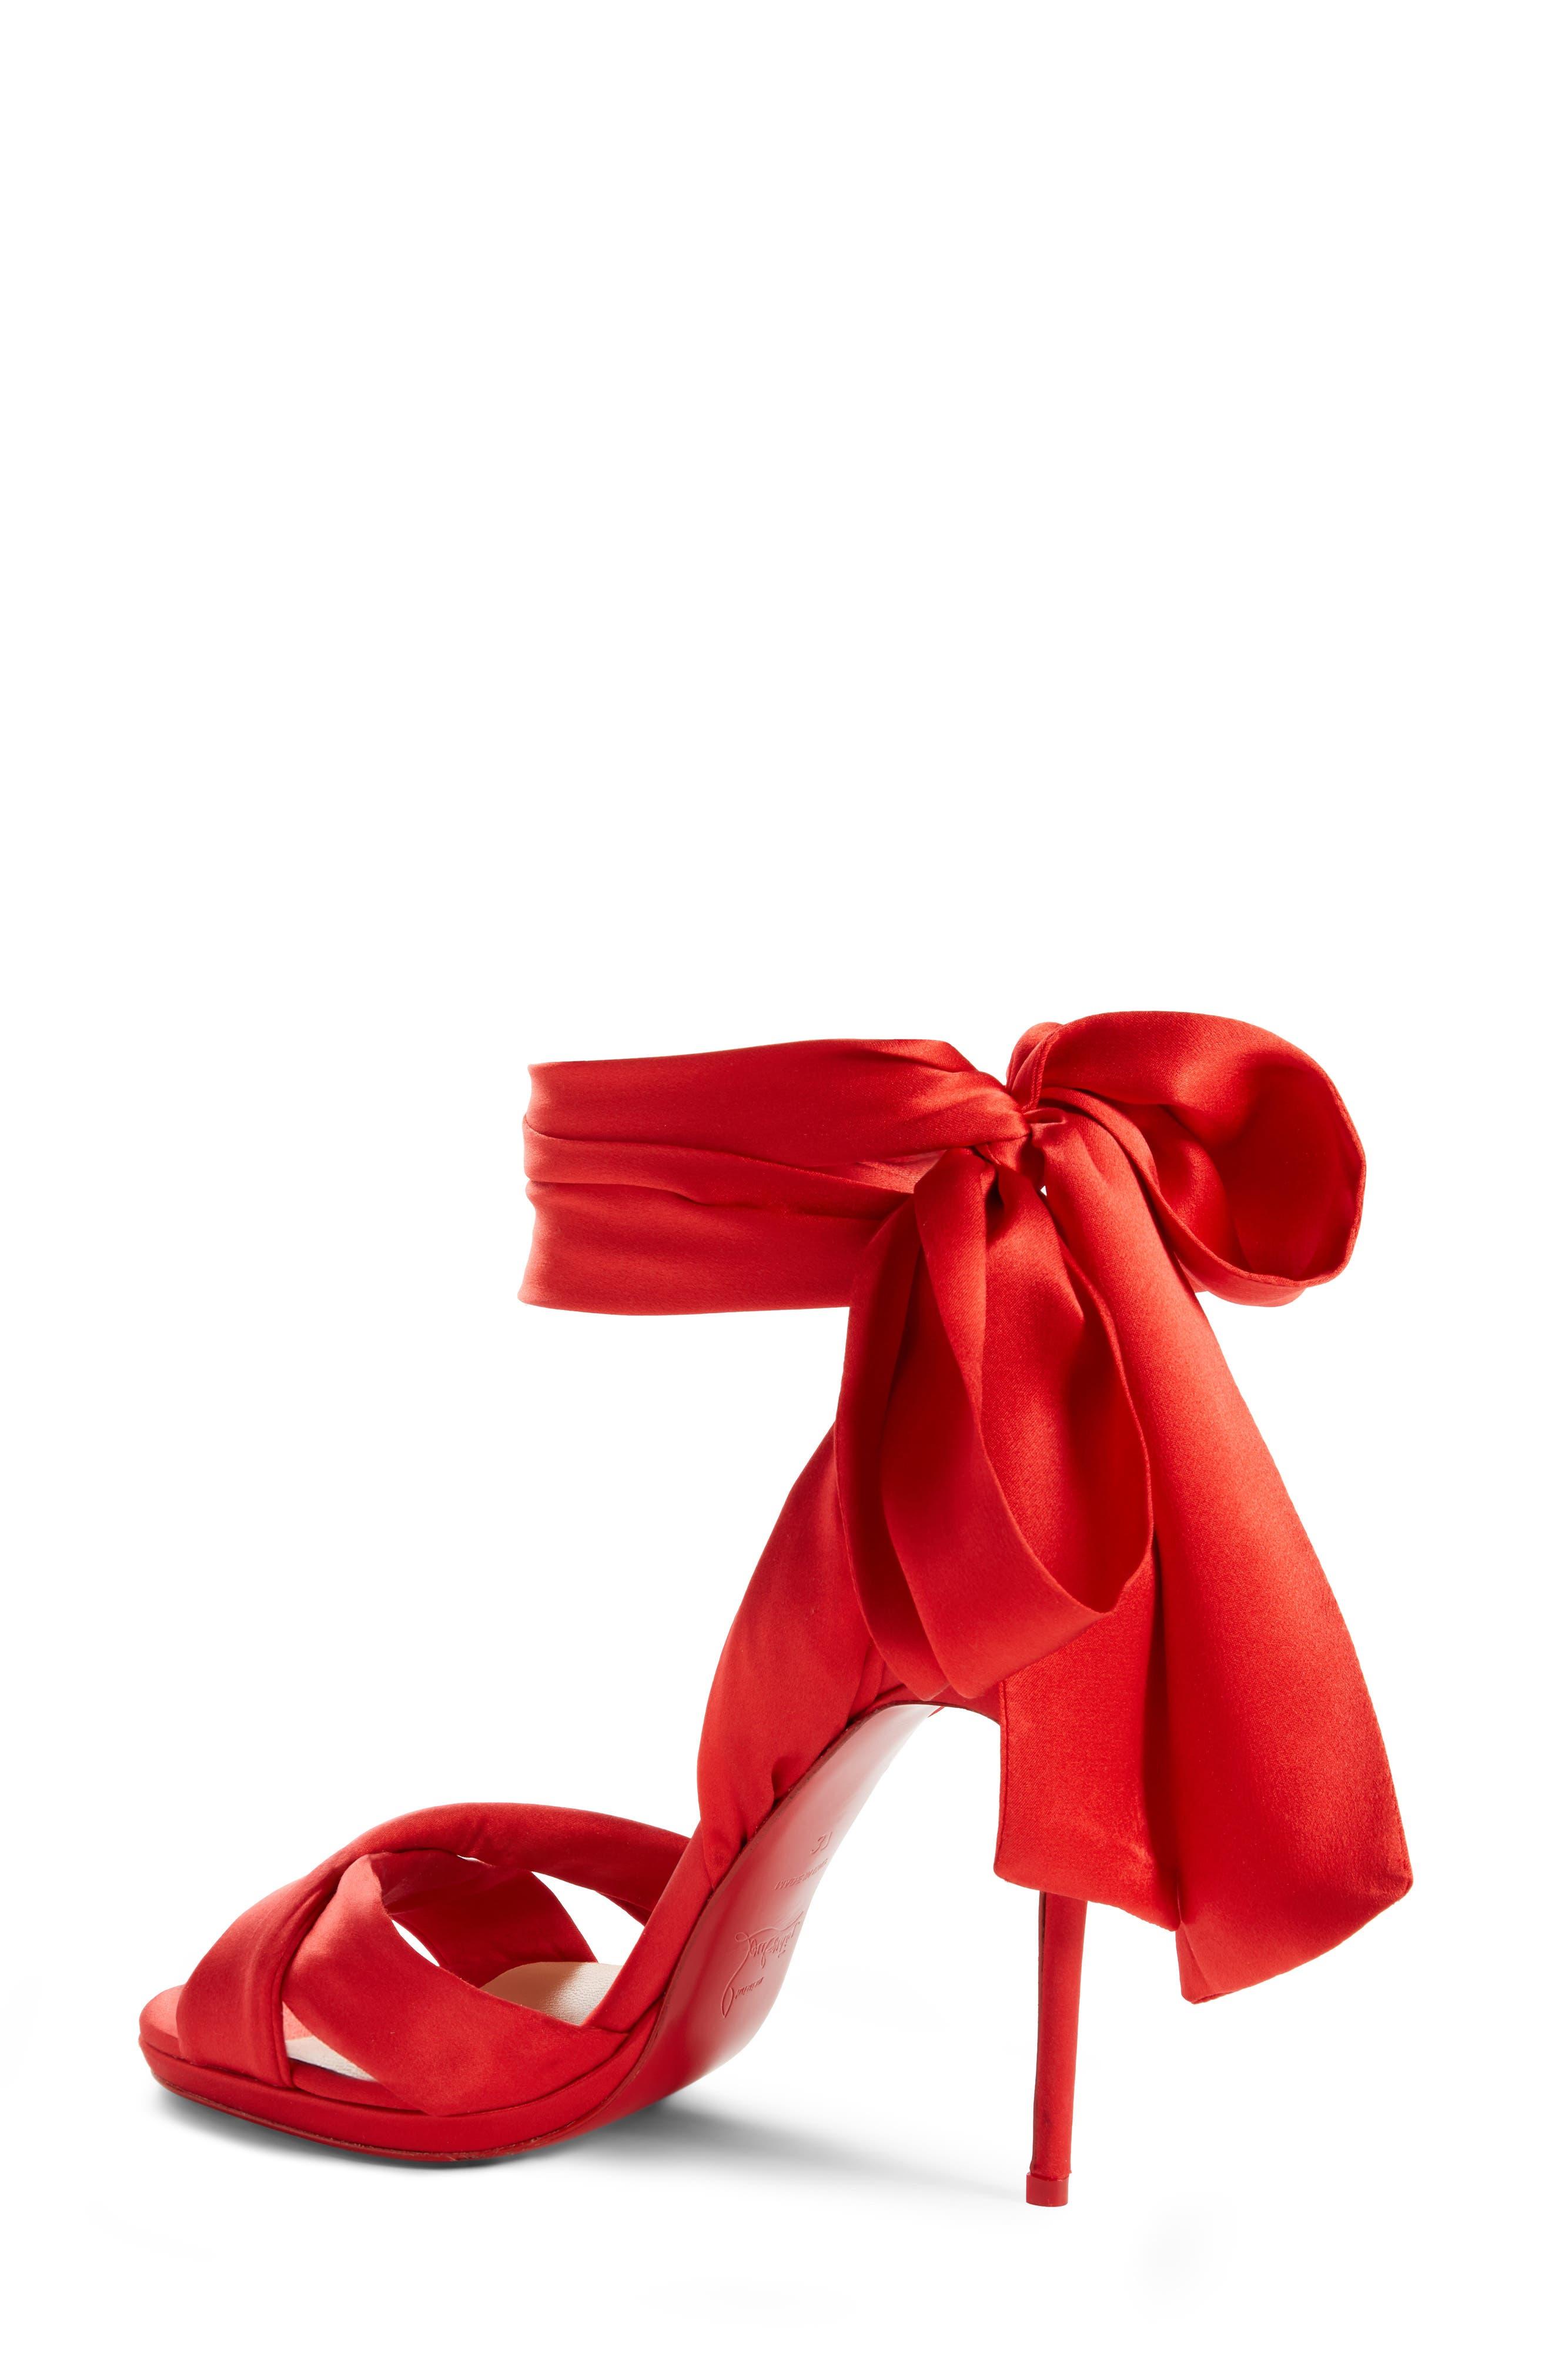 Très Frais Ankle Wrap Sandal,                             Alternate thumbnail 2, color,                             RED